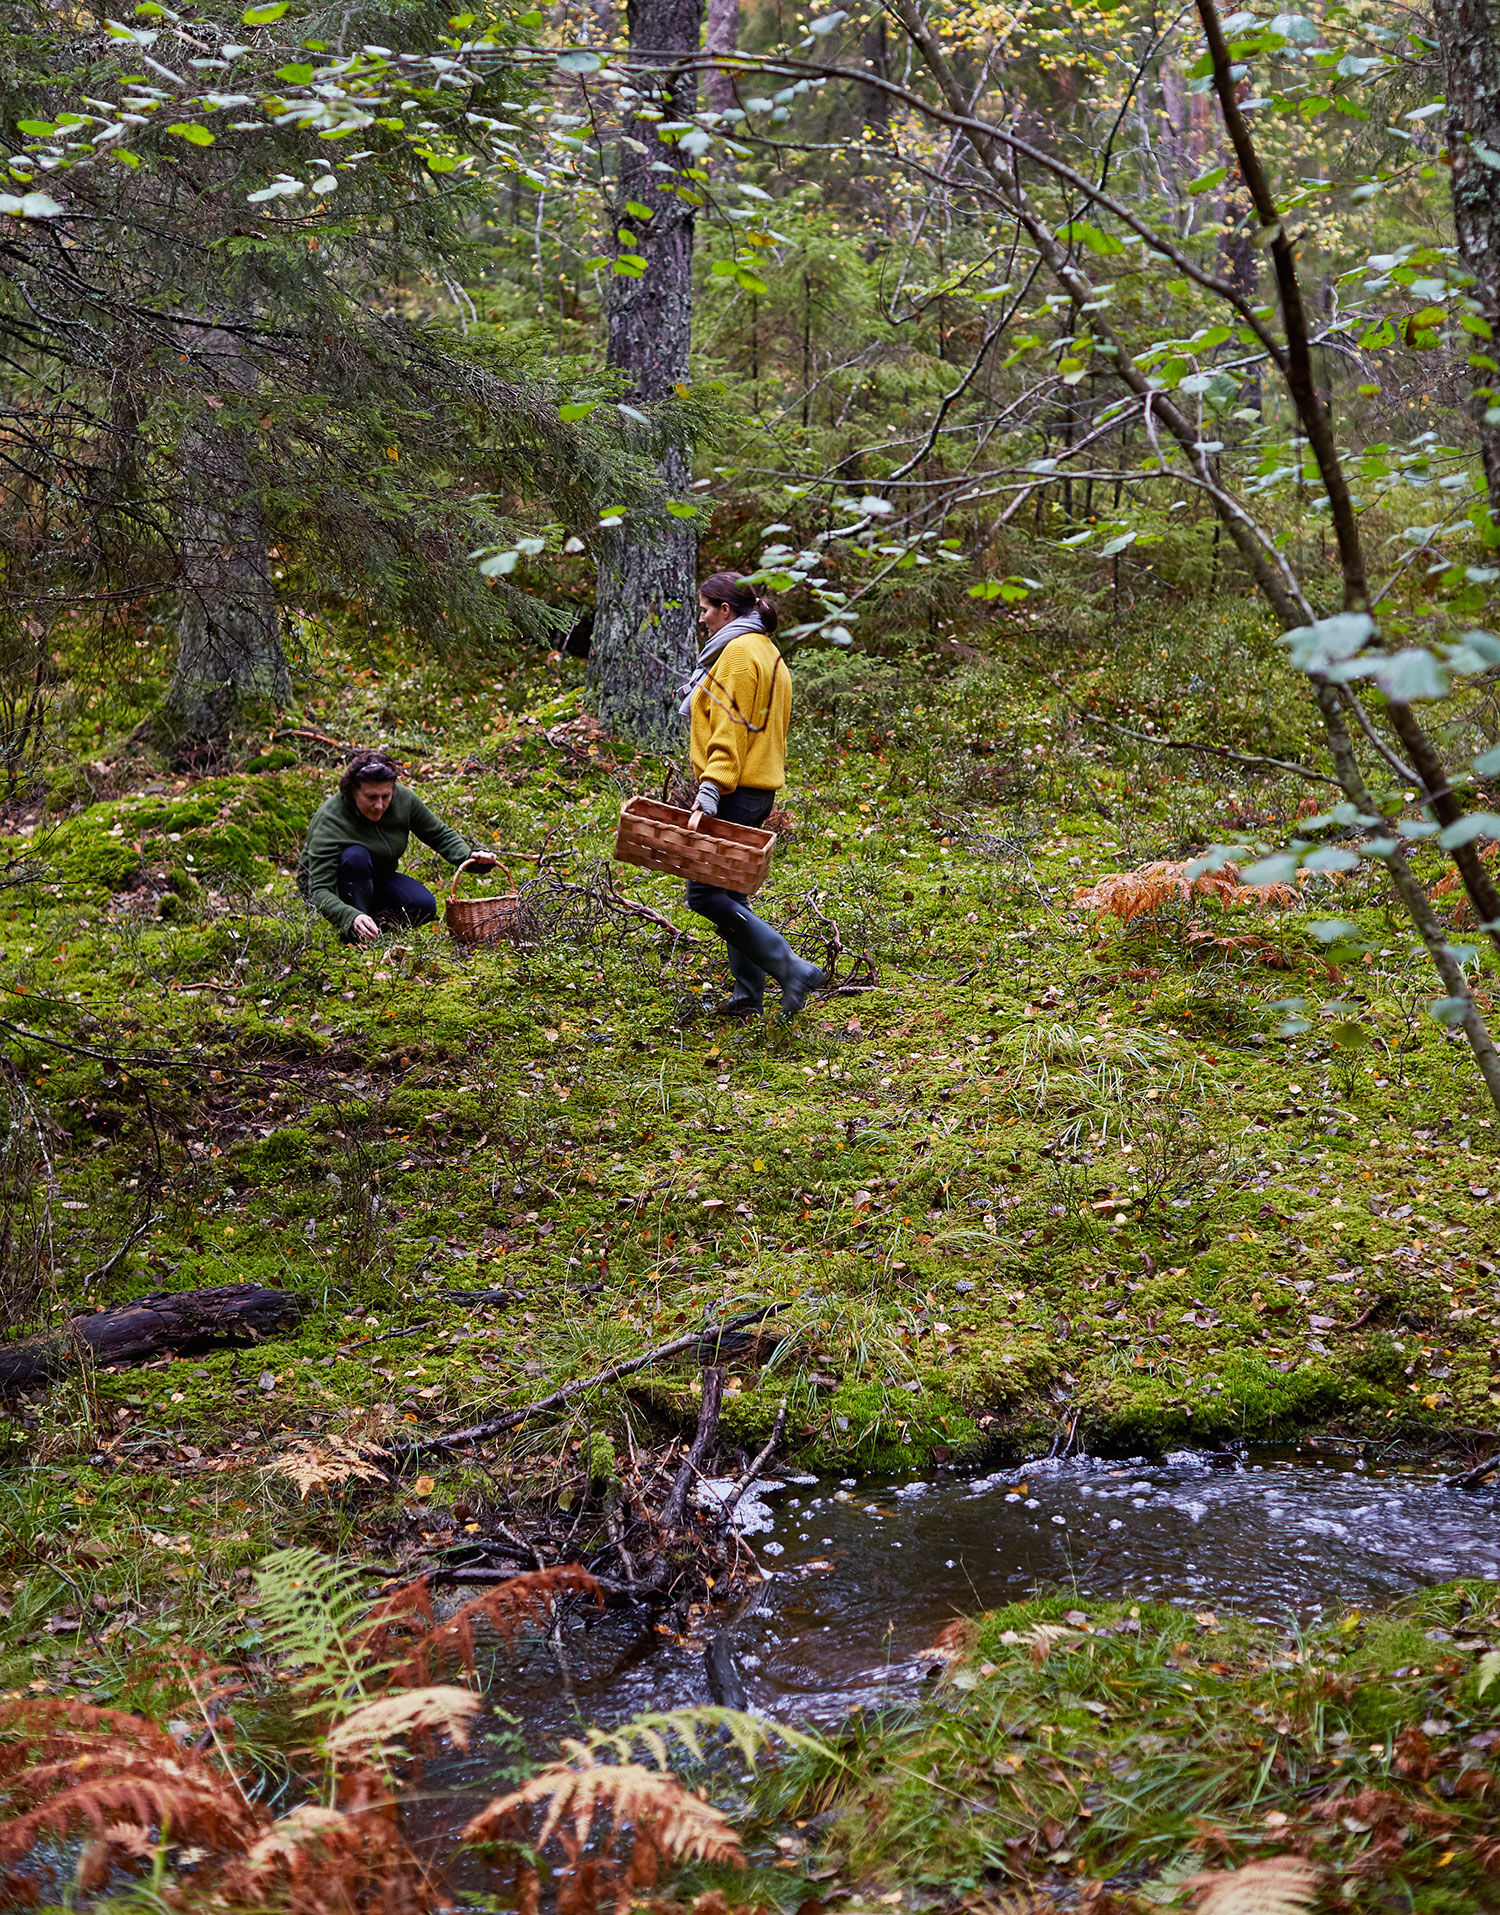 Lisa och Monica plockar svamp i skogen